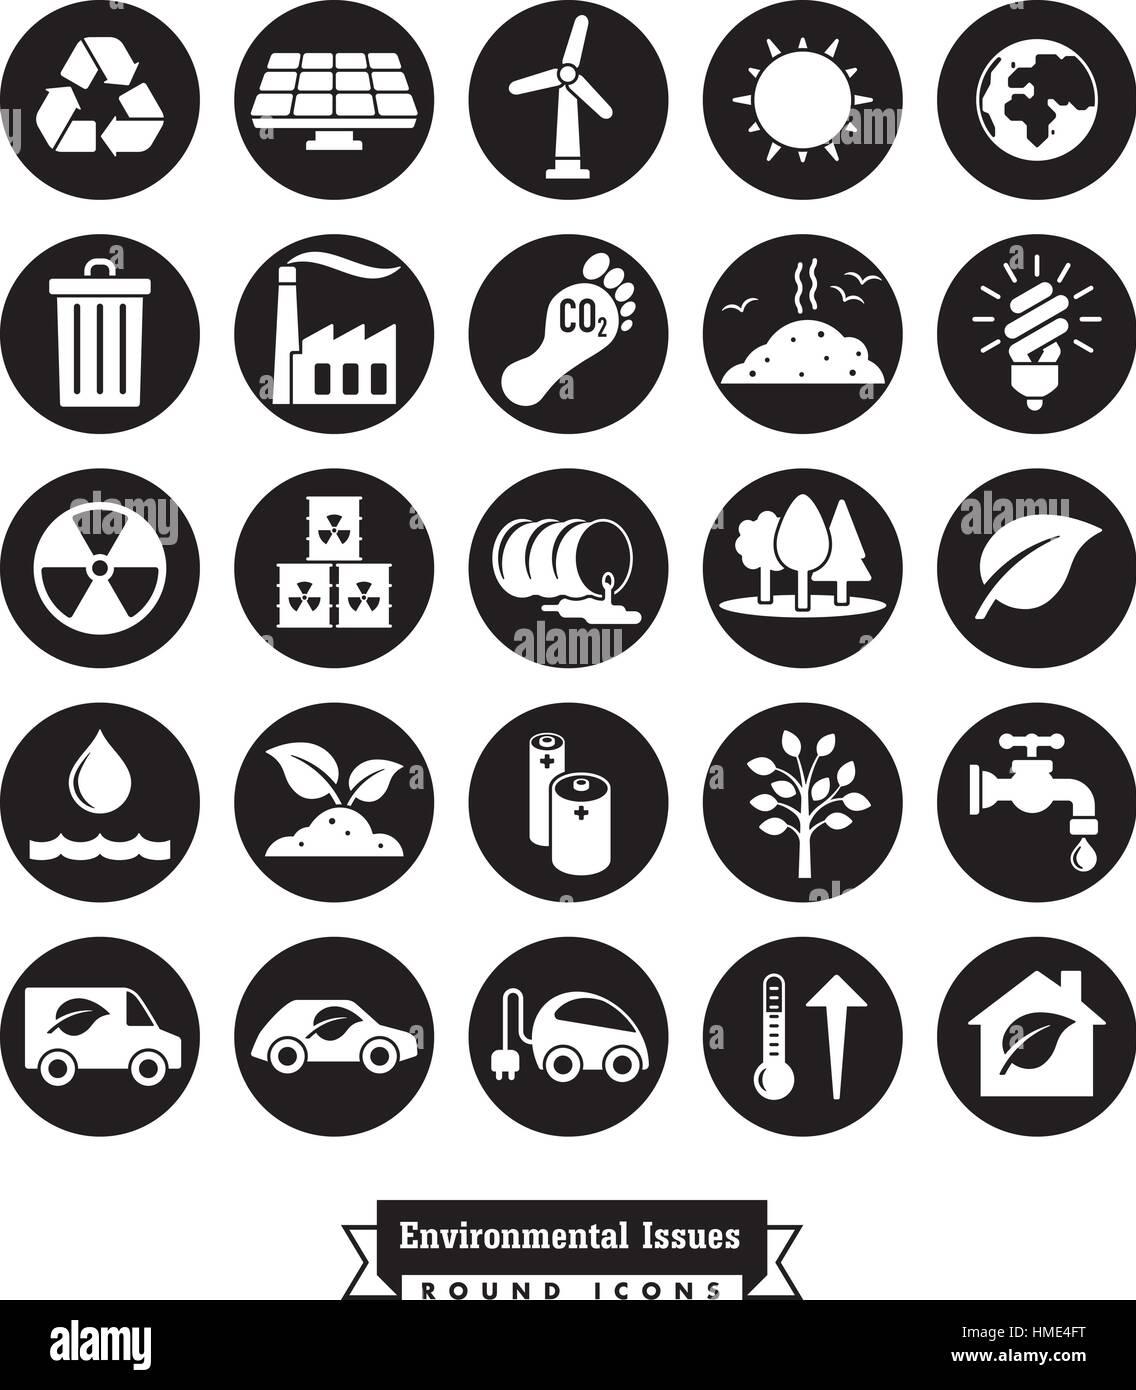 Sammlung von Umwelt- und Klimaschutz im Zusammenhang mit runden Vektor-icons Stockbild